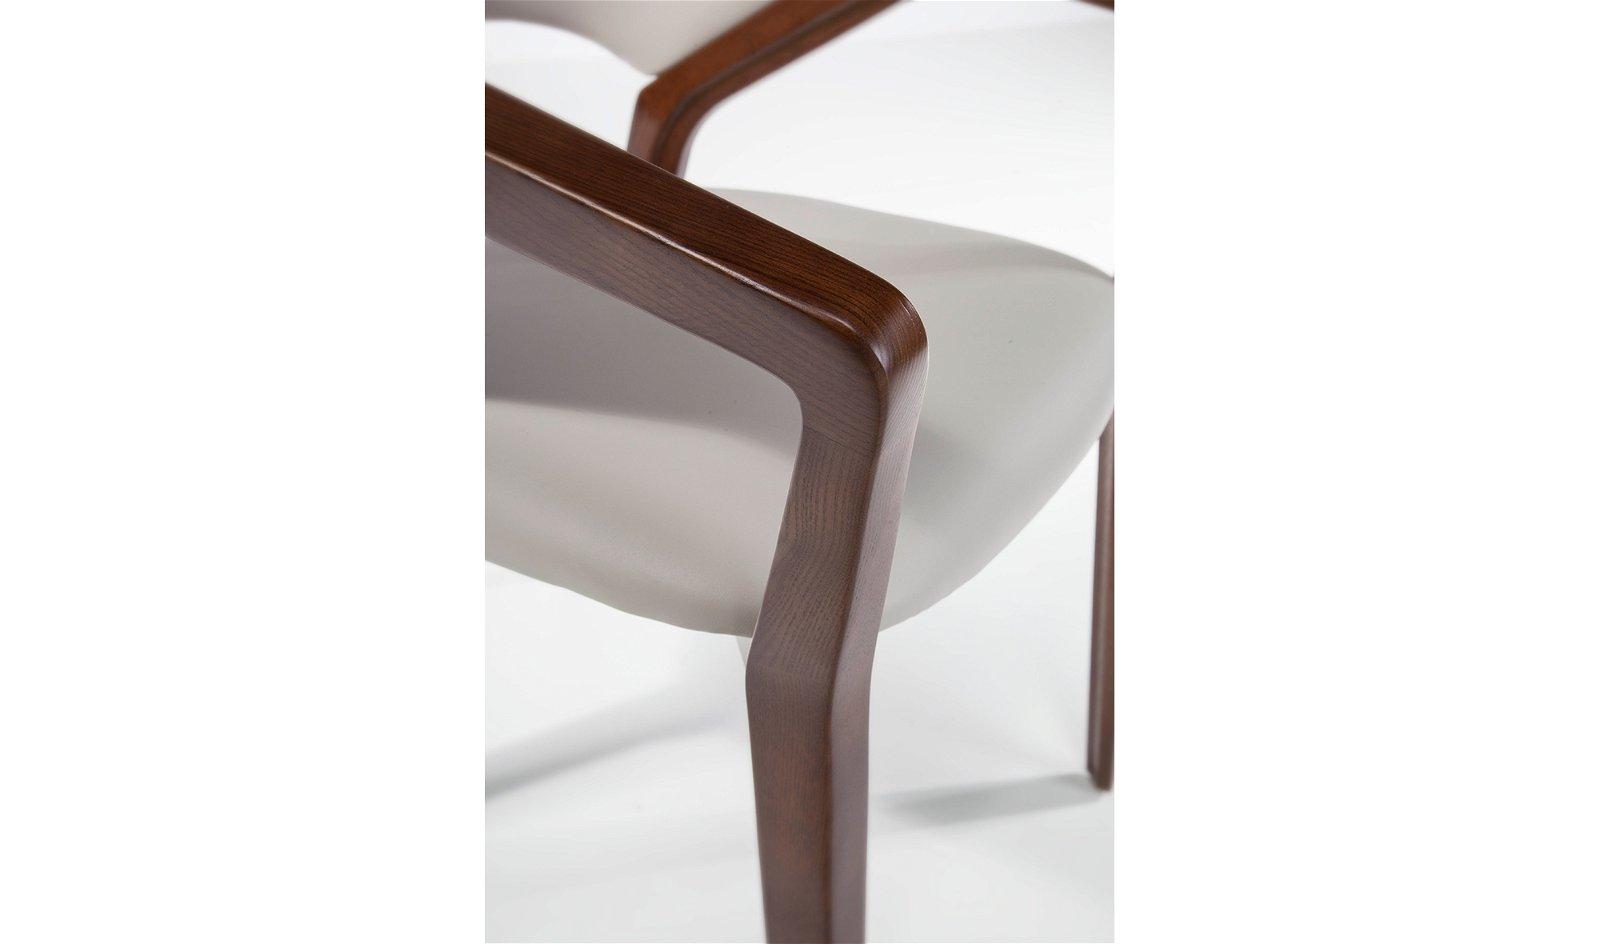 Sillón moderno tapizado y nogal Scilla